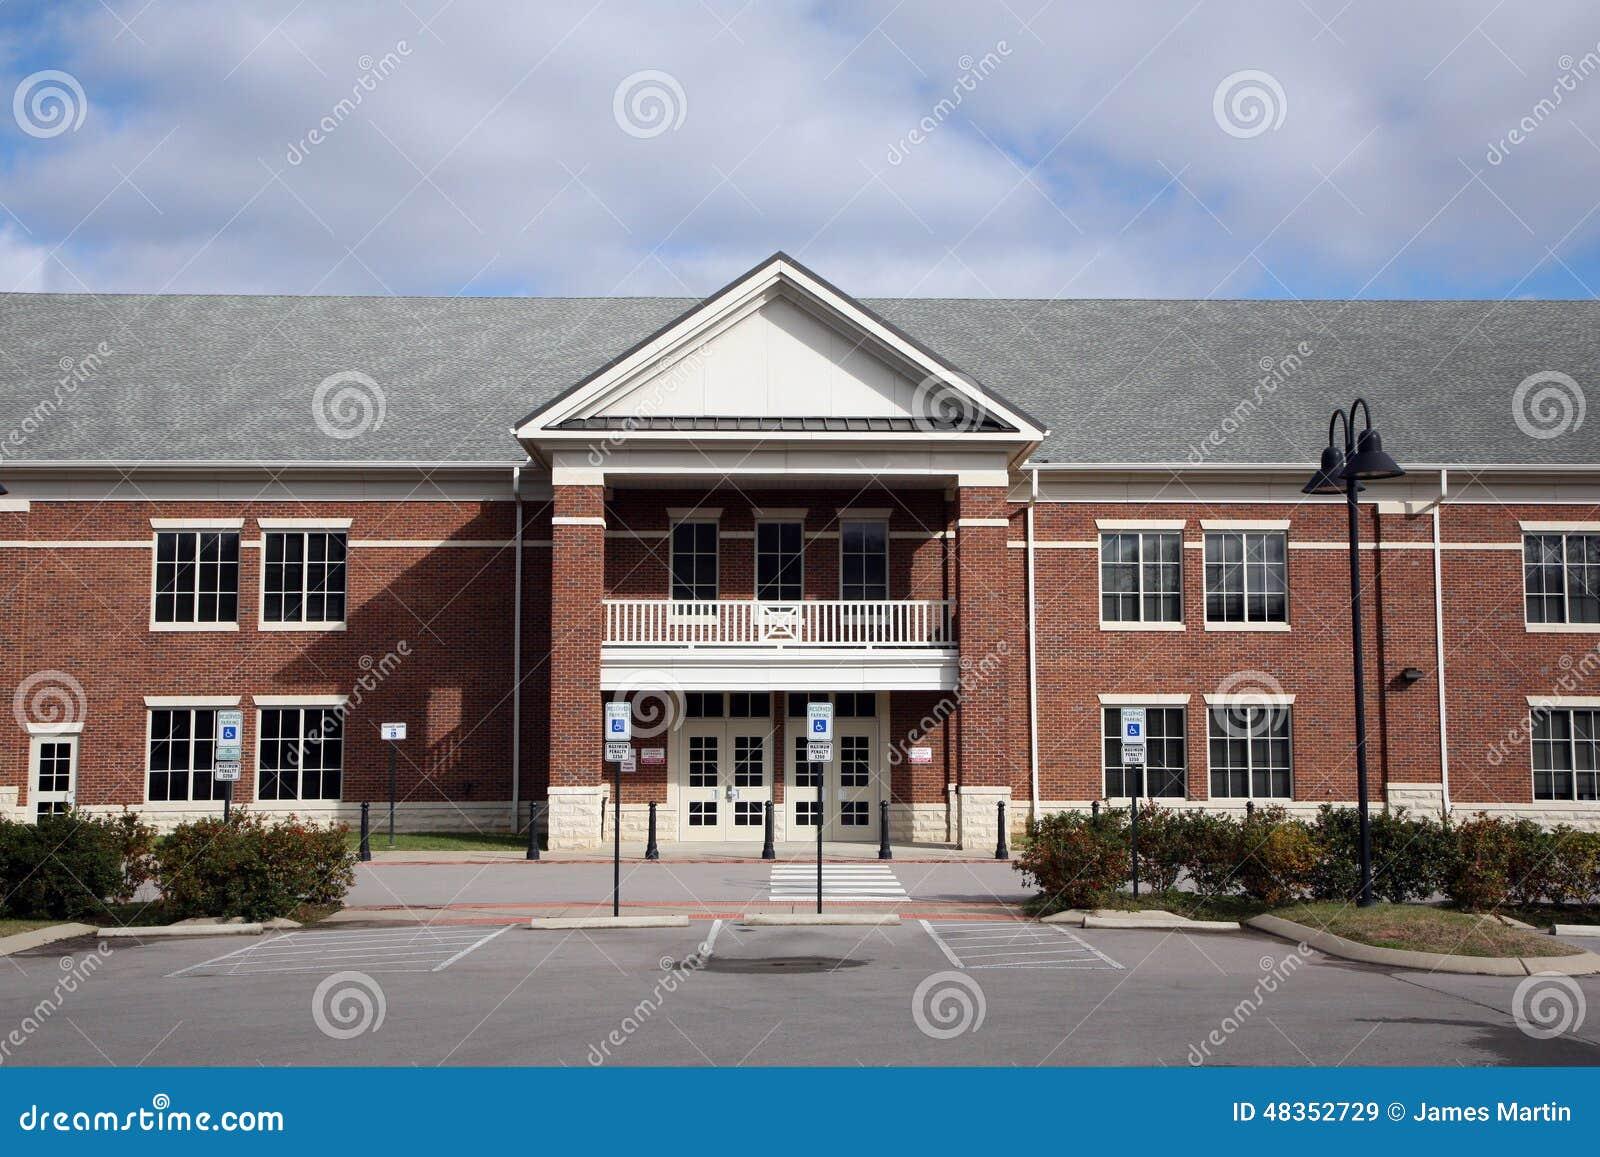 Ingang aan een schoolgebouw stock afbeelding afbeelding 48352729 - Eigentijds gebouw ...